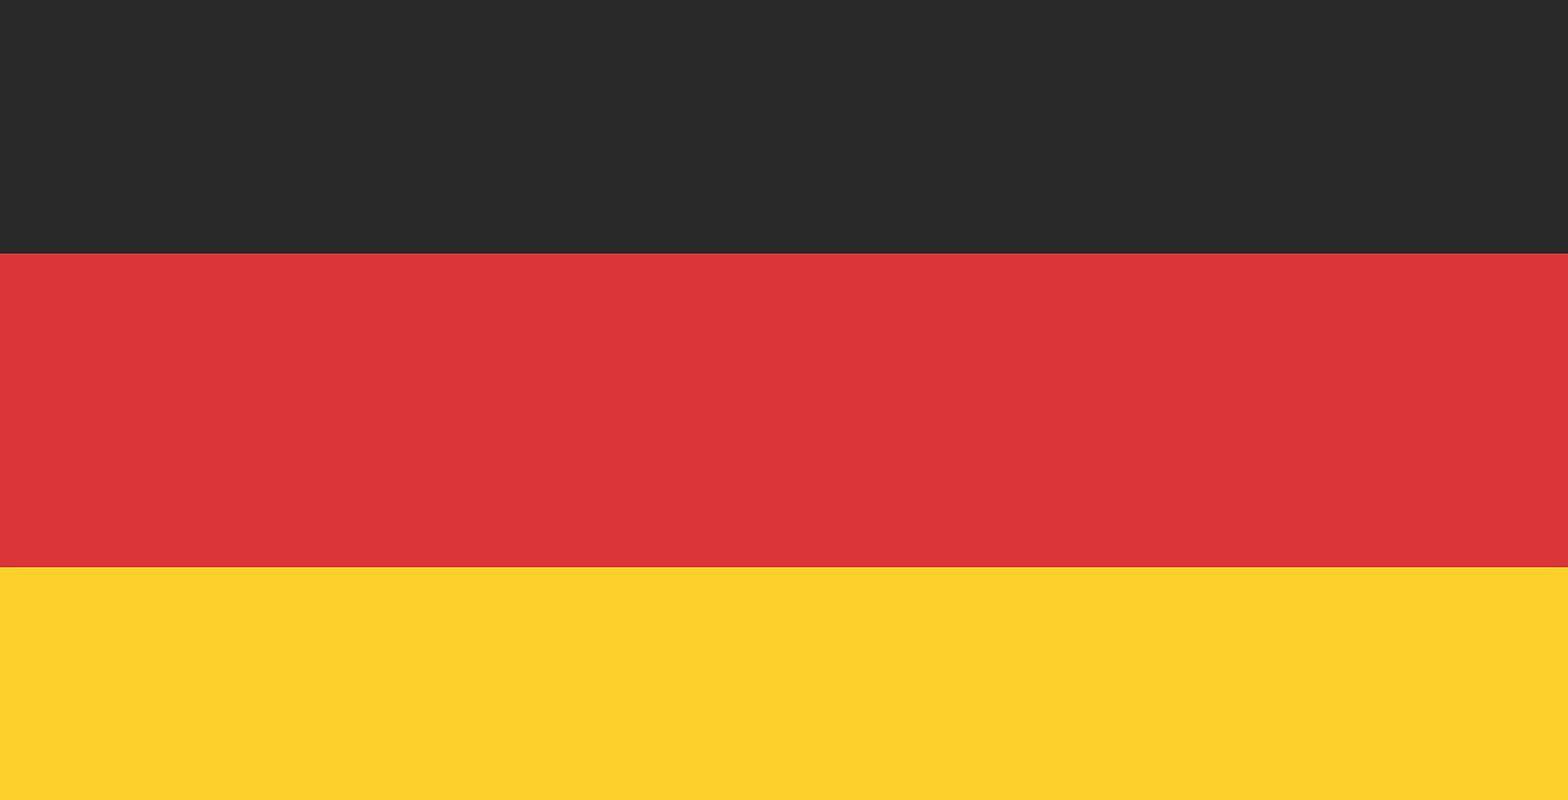 Njemačkom državnom odvjetništvu zbog porasta terorizma nedostaje osoblje